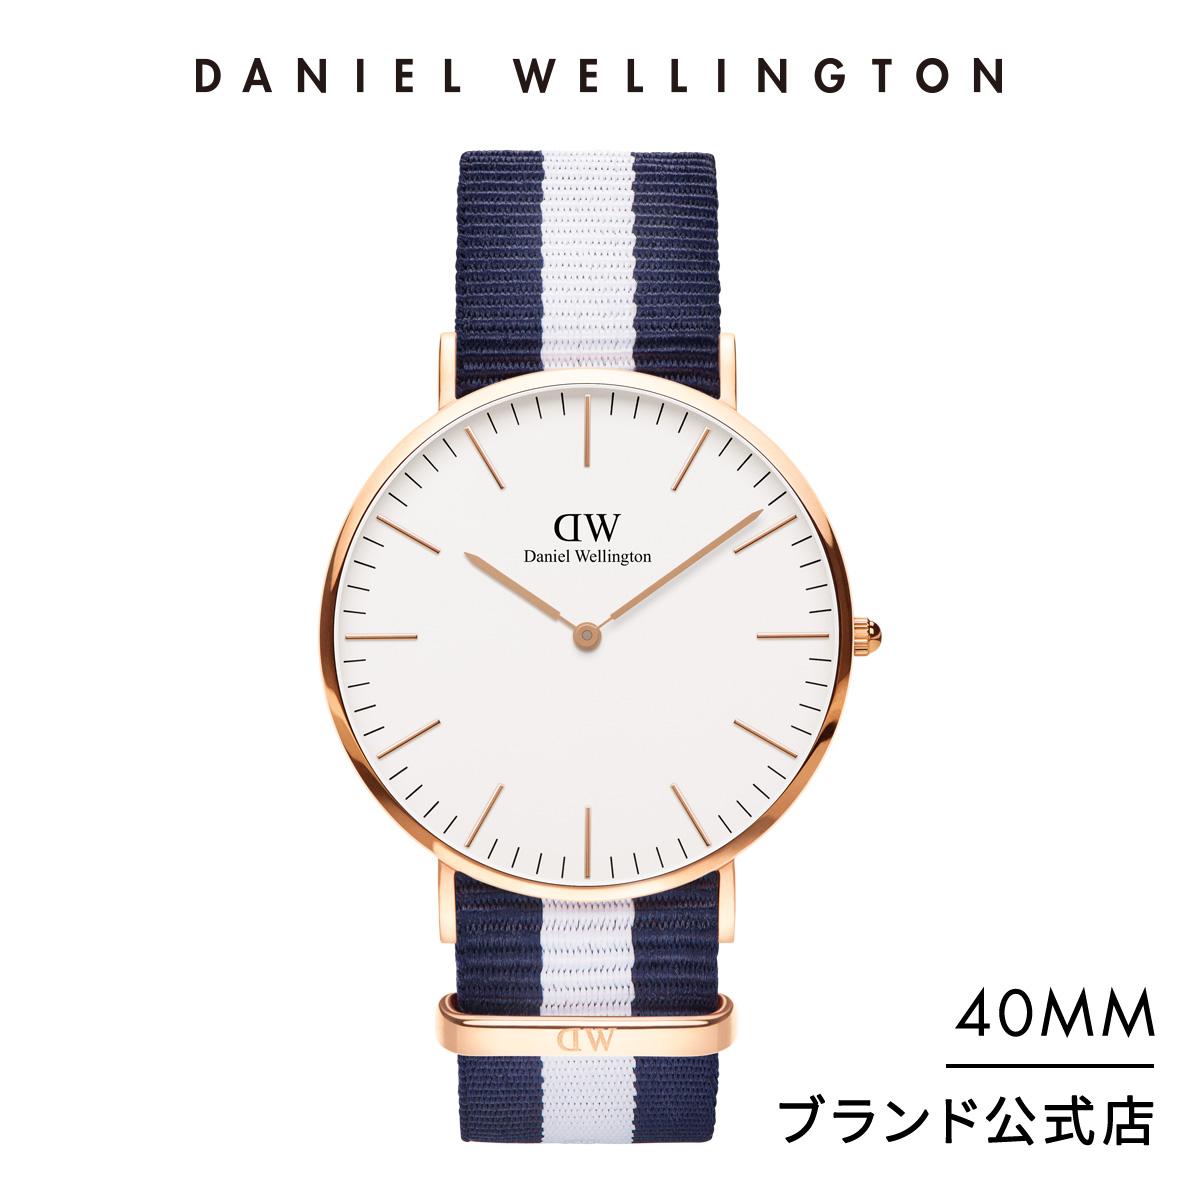 【公式2年保証/送料無料】ダニエルウェリントン公式 メンズ 腕時計 Classic Glasgow 40mm Nato ストラップ クラシック グラスゴー DW プレゼント おしゃれ インスタ映え ブランド 彼女 彼氏 ペアスタイルに最適 ウォッチ